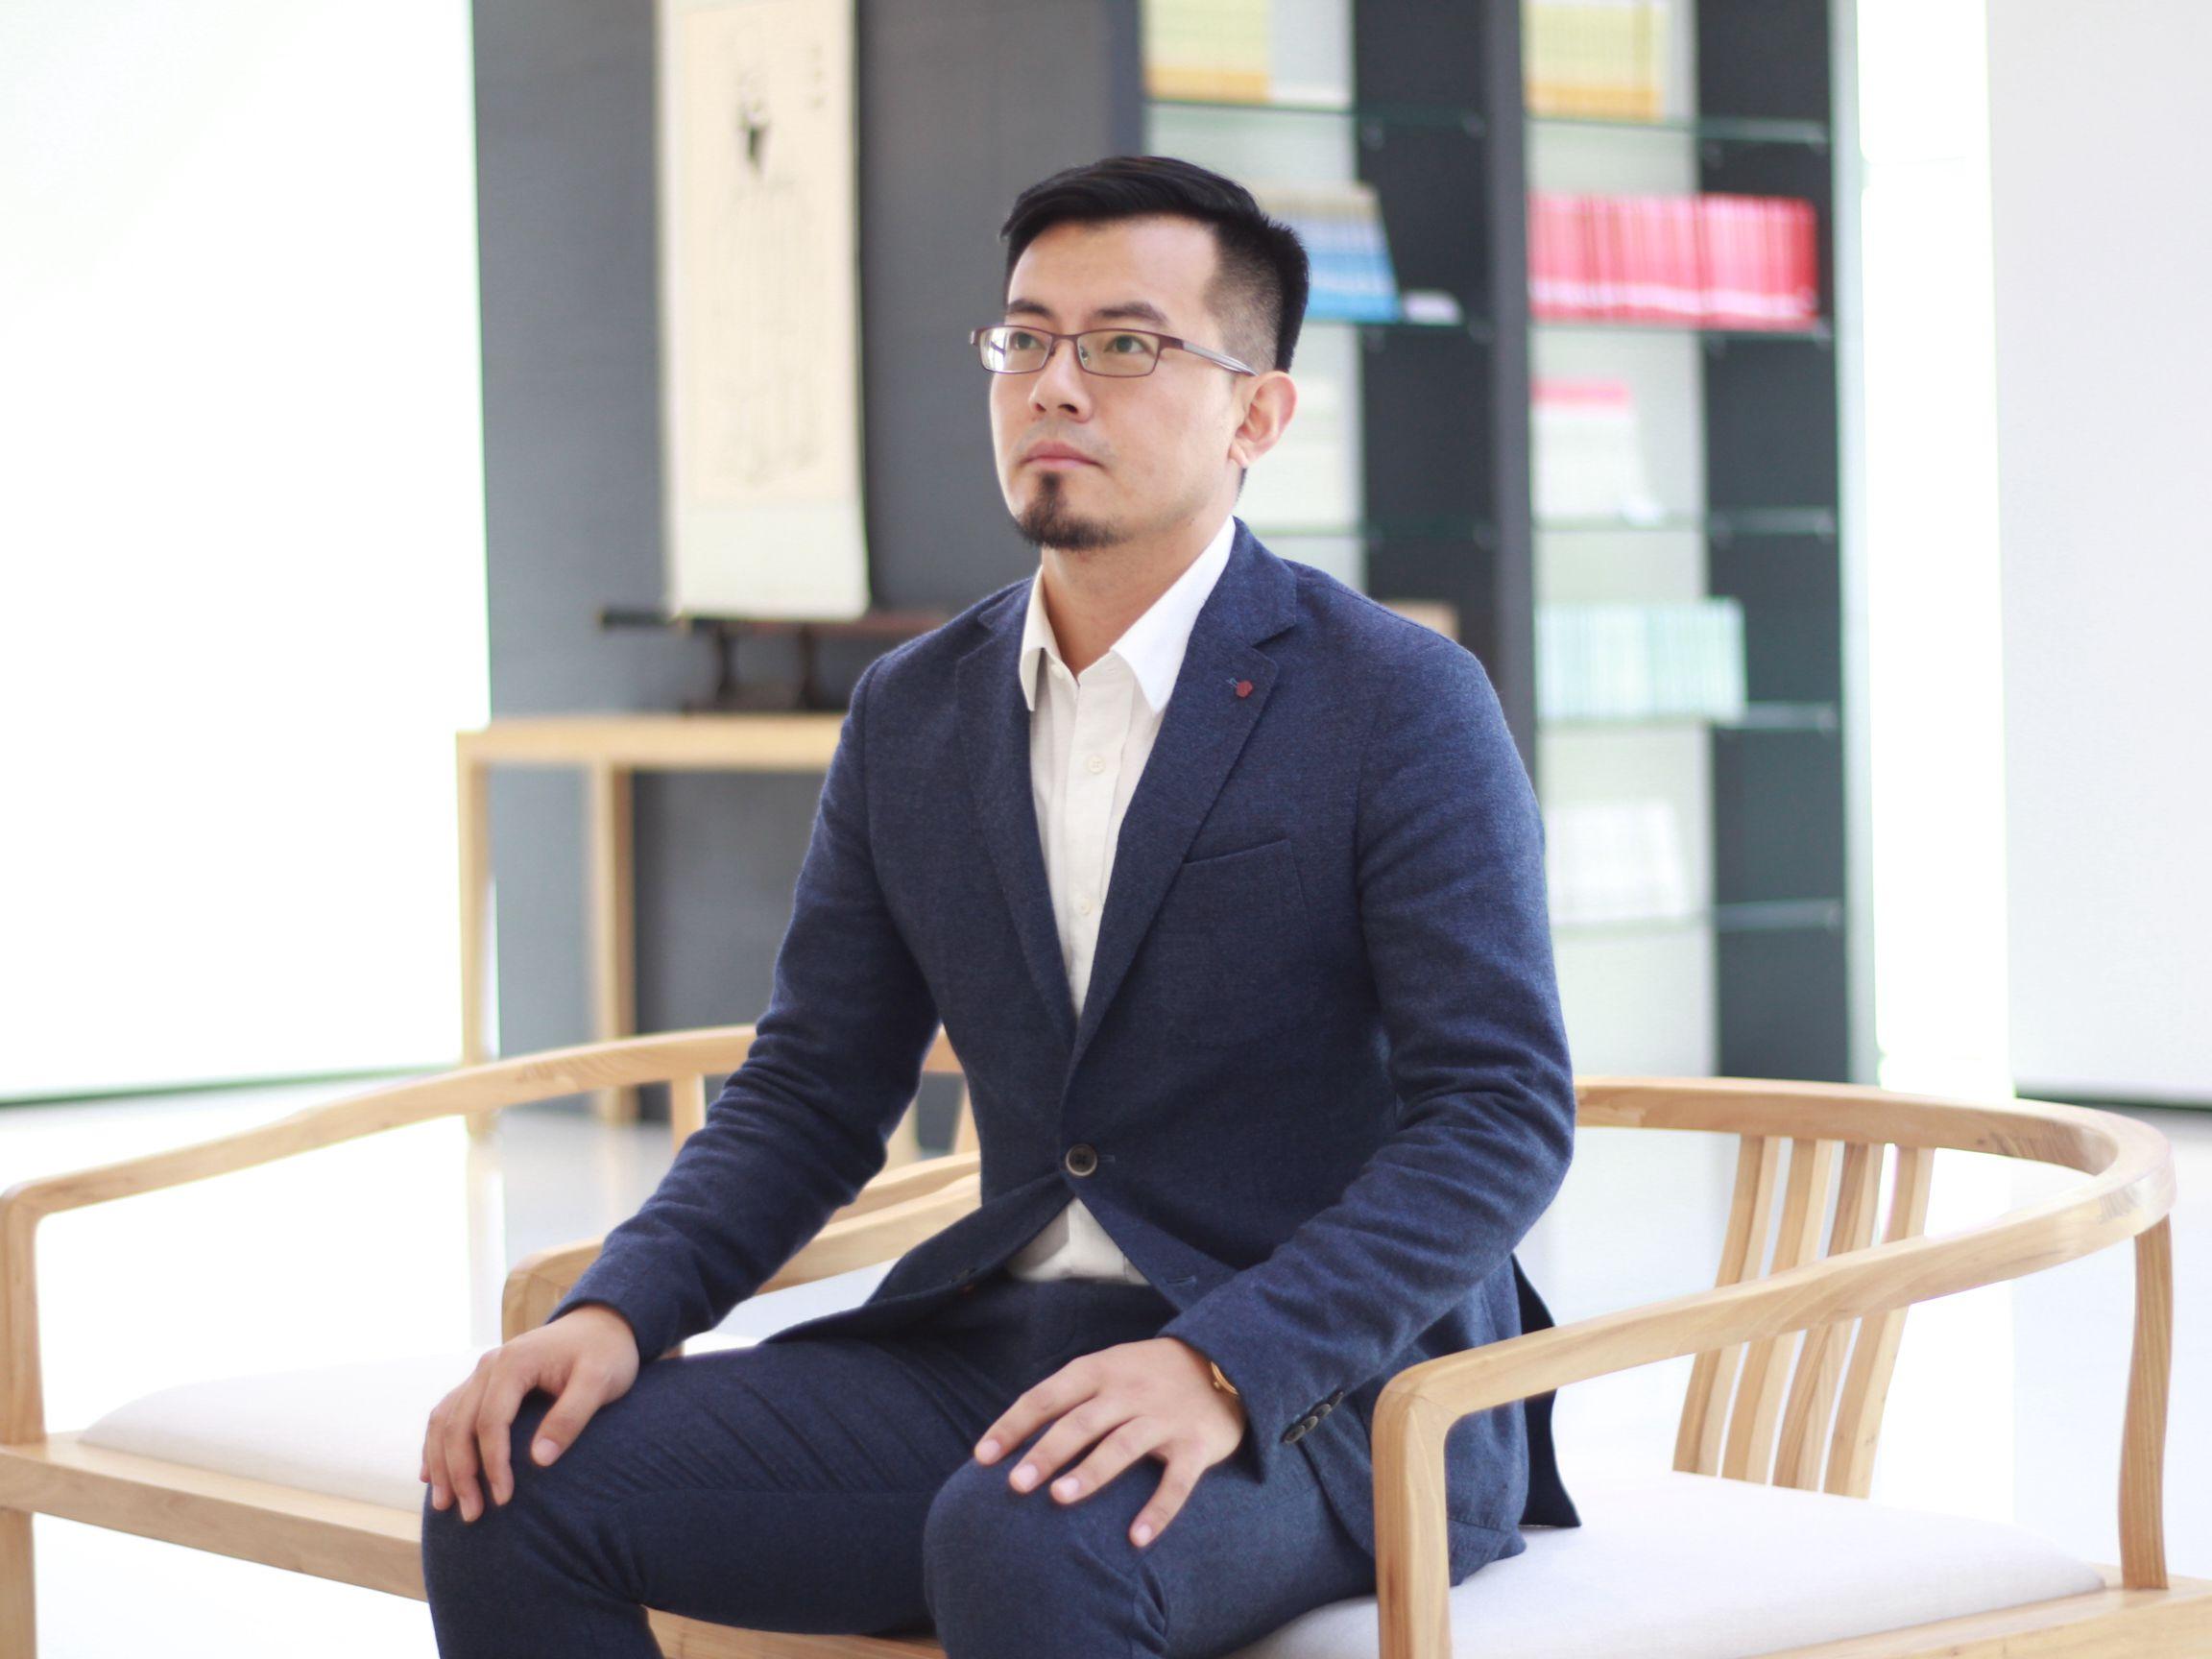 刘广磊:如何进行个人品牌规划